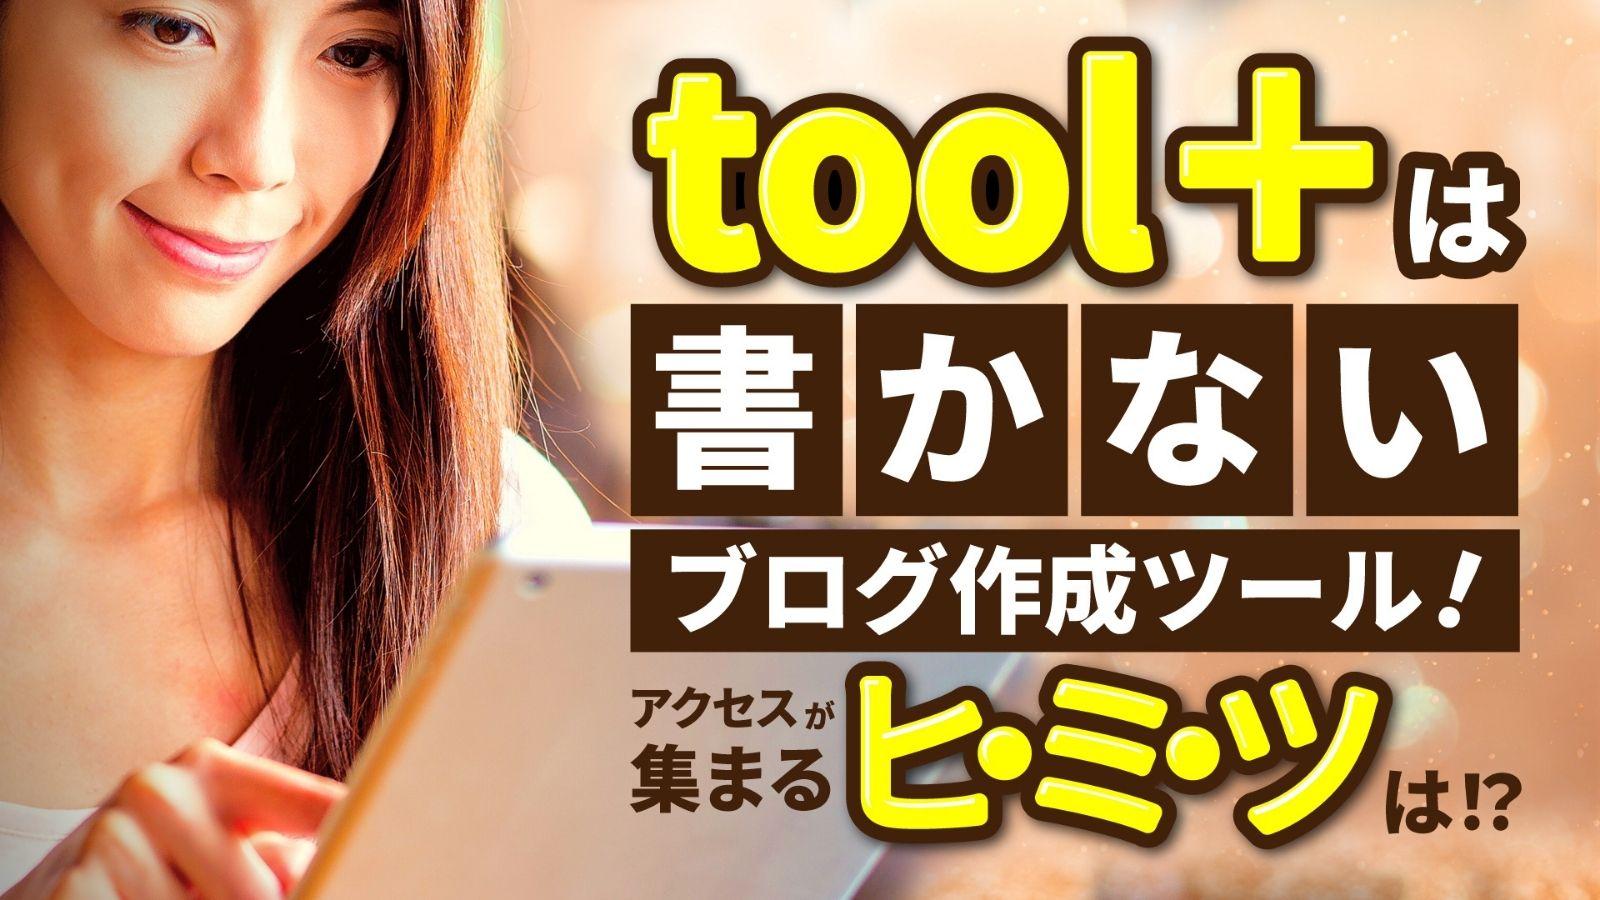 tool + 書かない